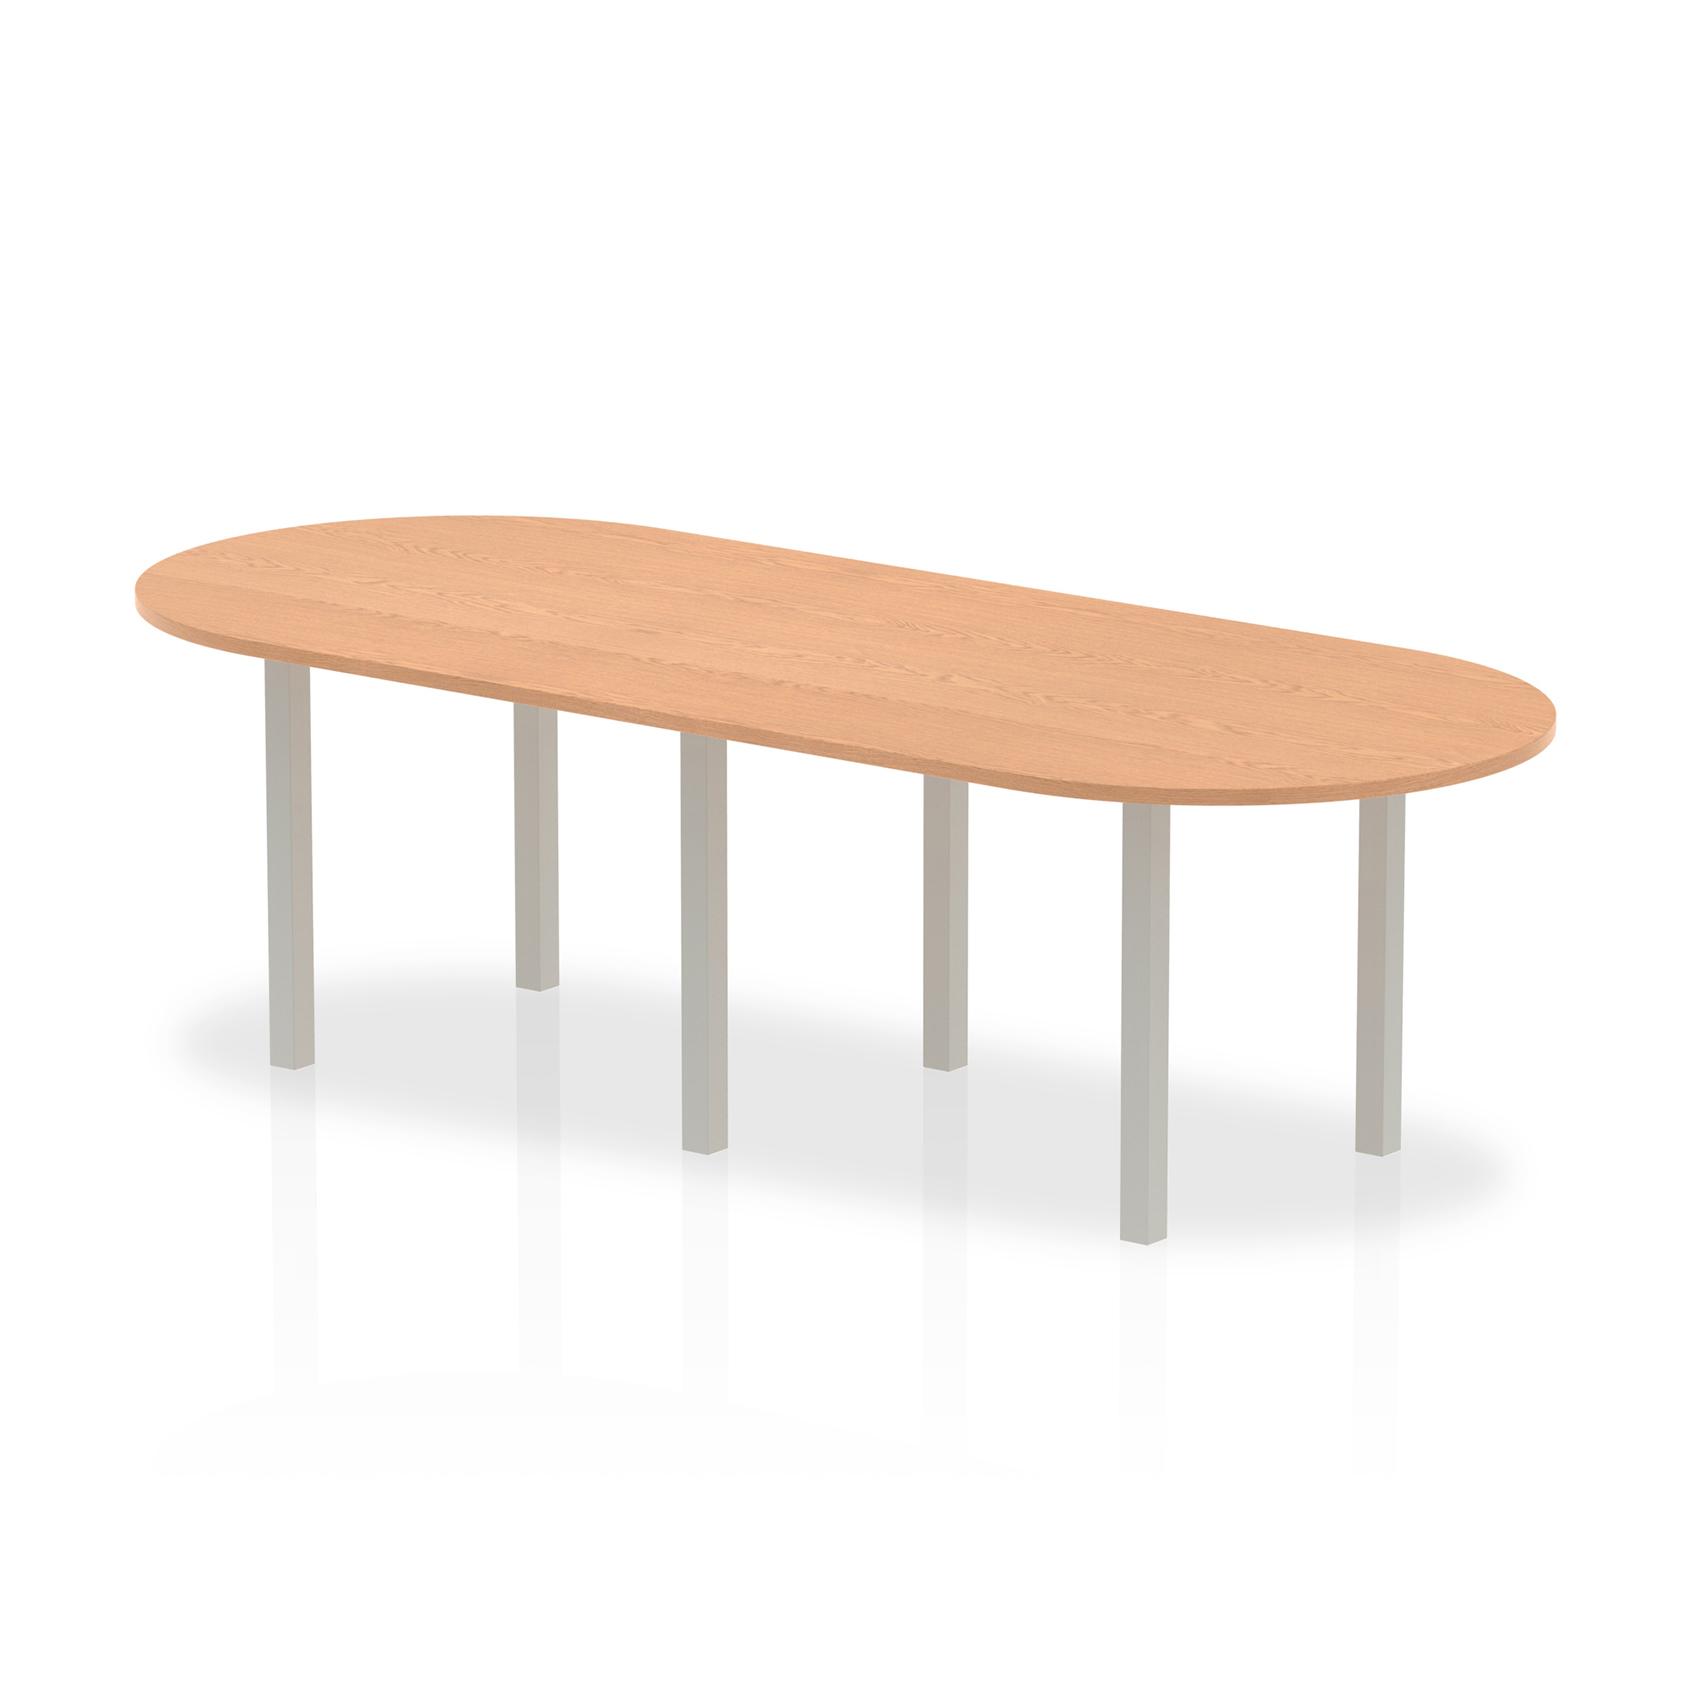 Trexus Boardroom Table 2400x1200x730mm Oak Ref I000792